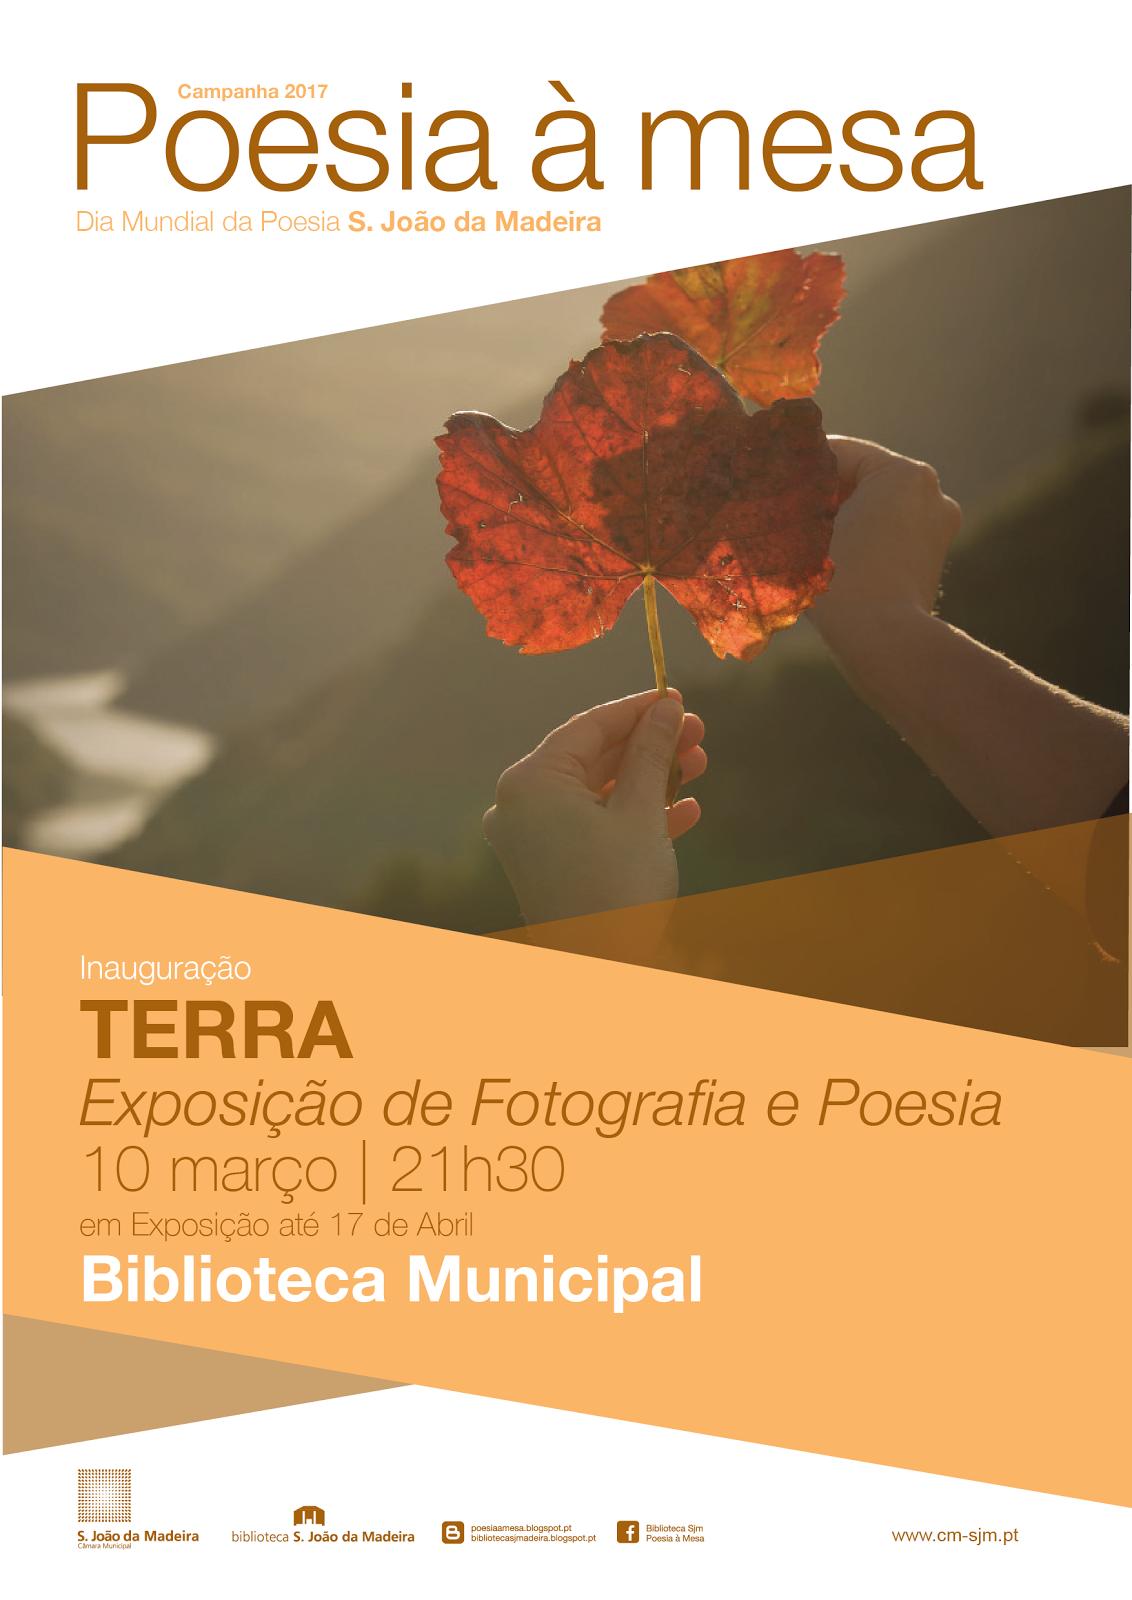 EXPOSIÇÃO DE FOTOGRAFIA E POESIA